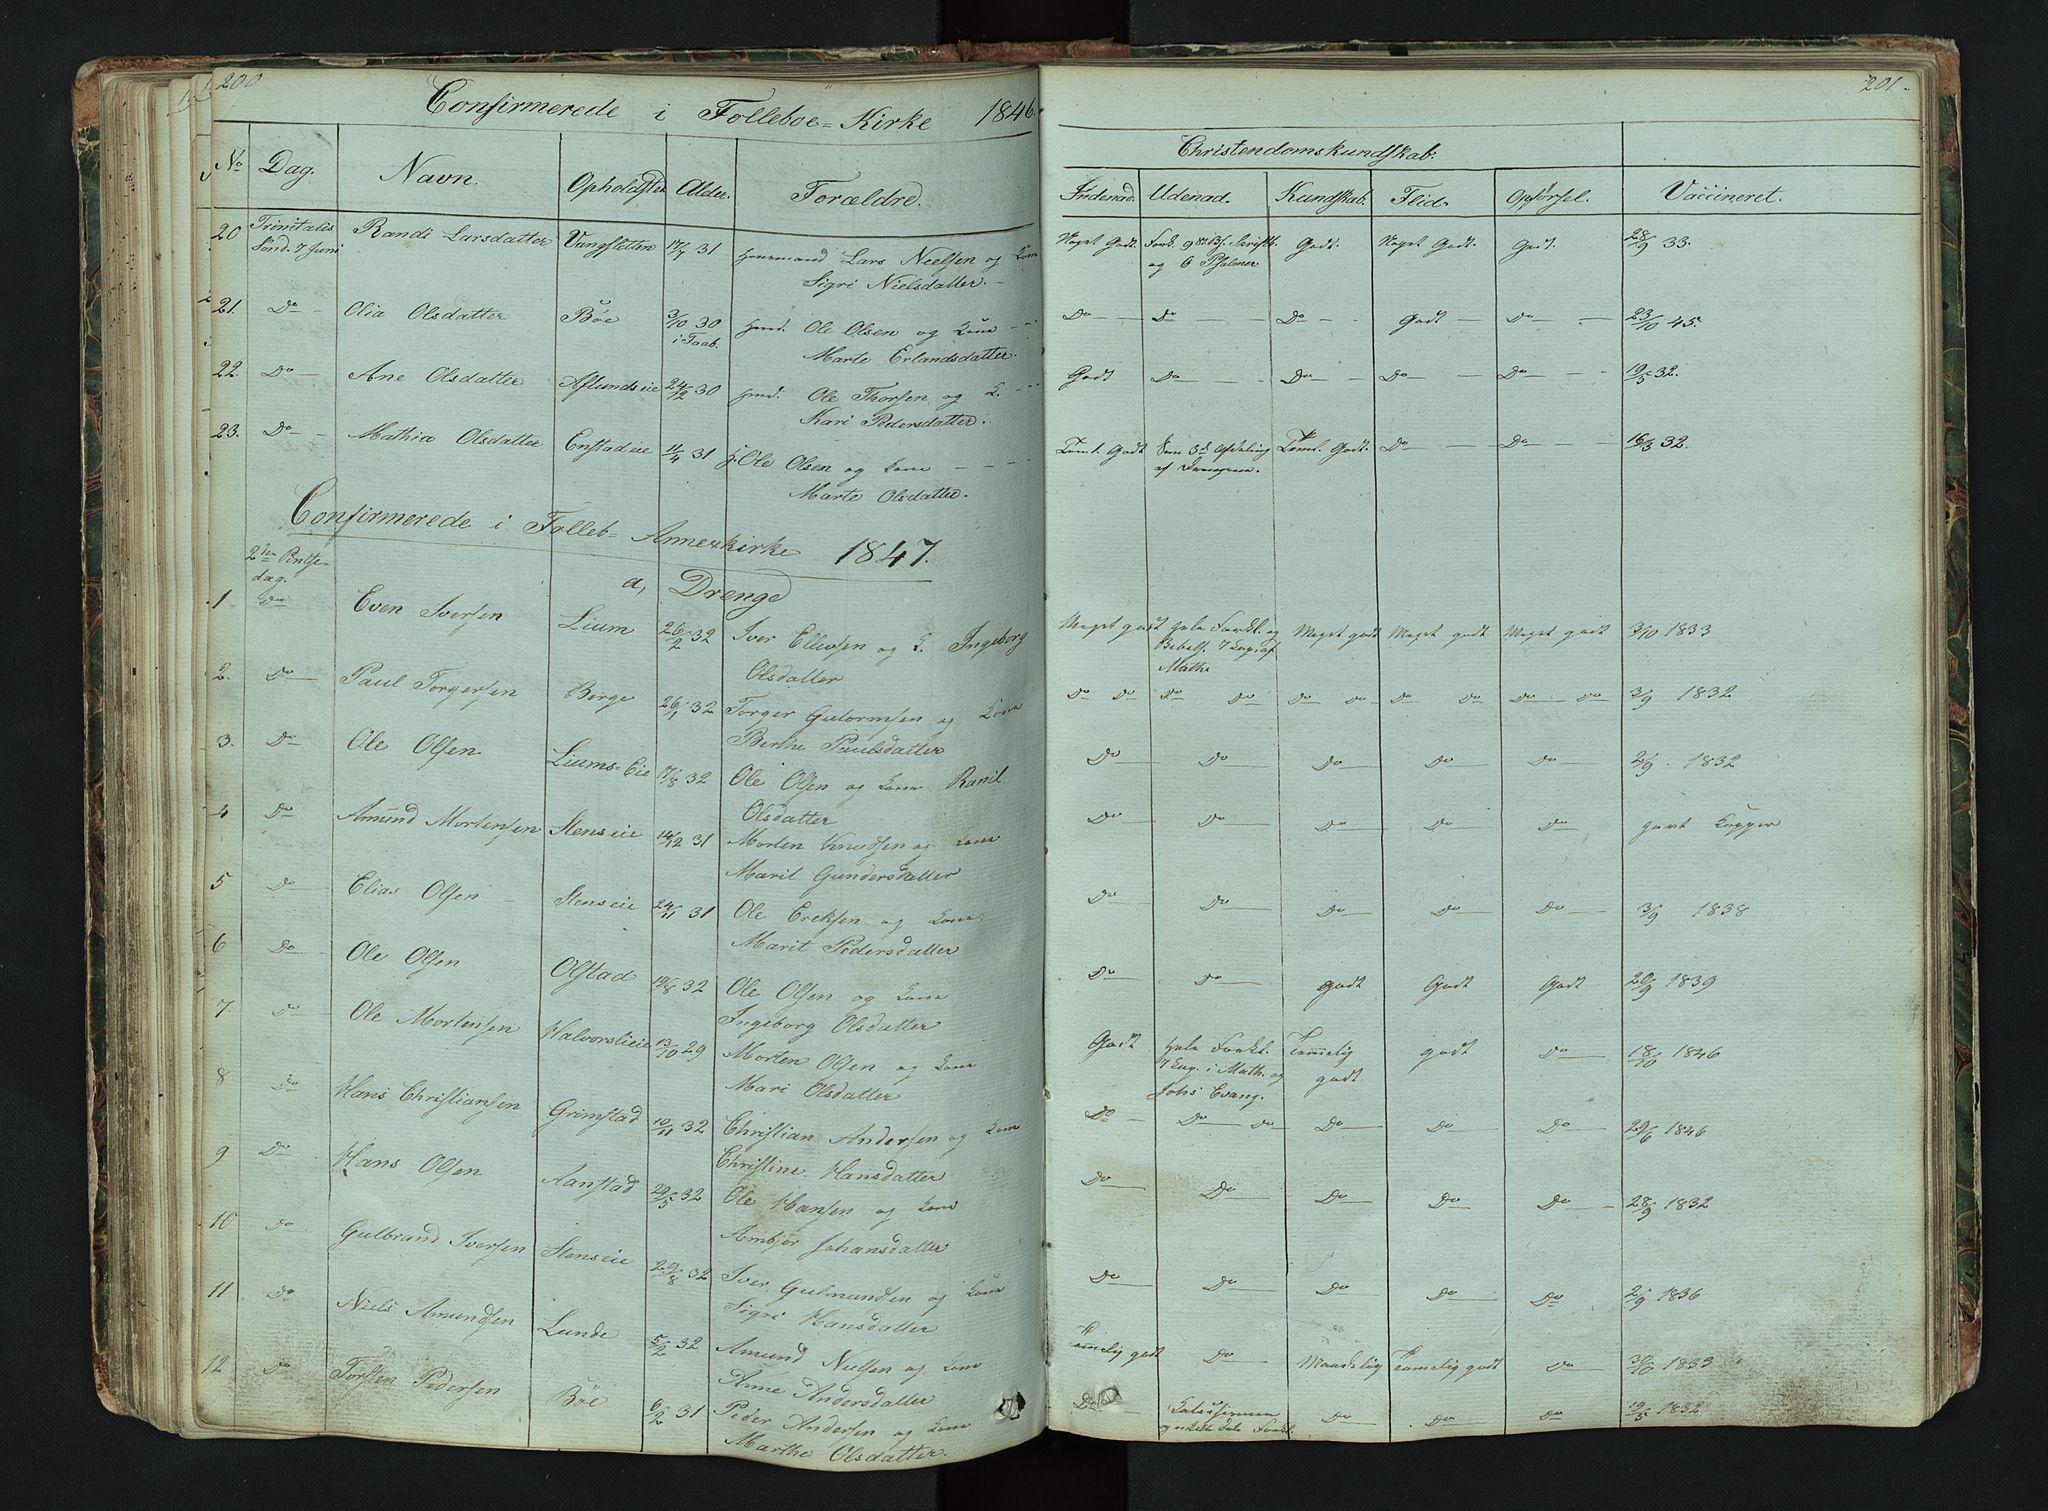 SAH, Gausdal prestekontor, Klokkerbok nr. 6, 1846-1893, s. 200-201